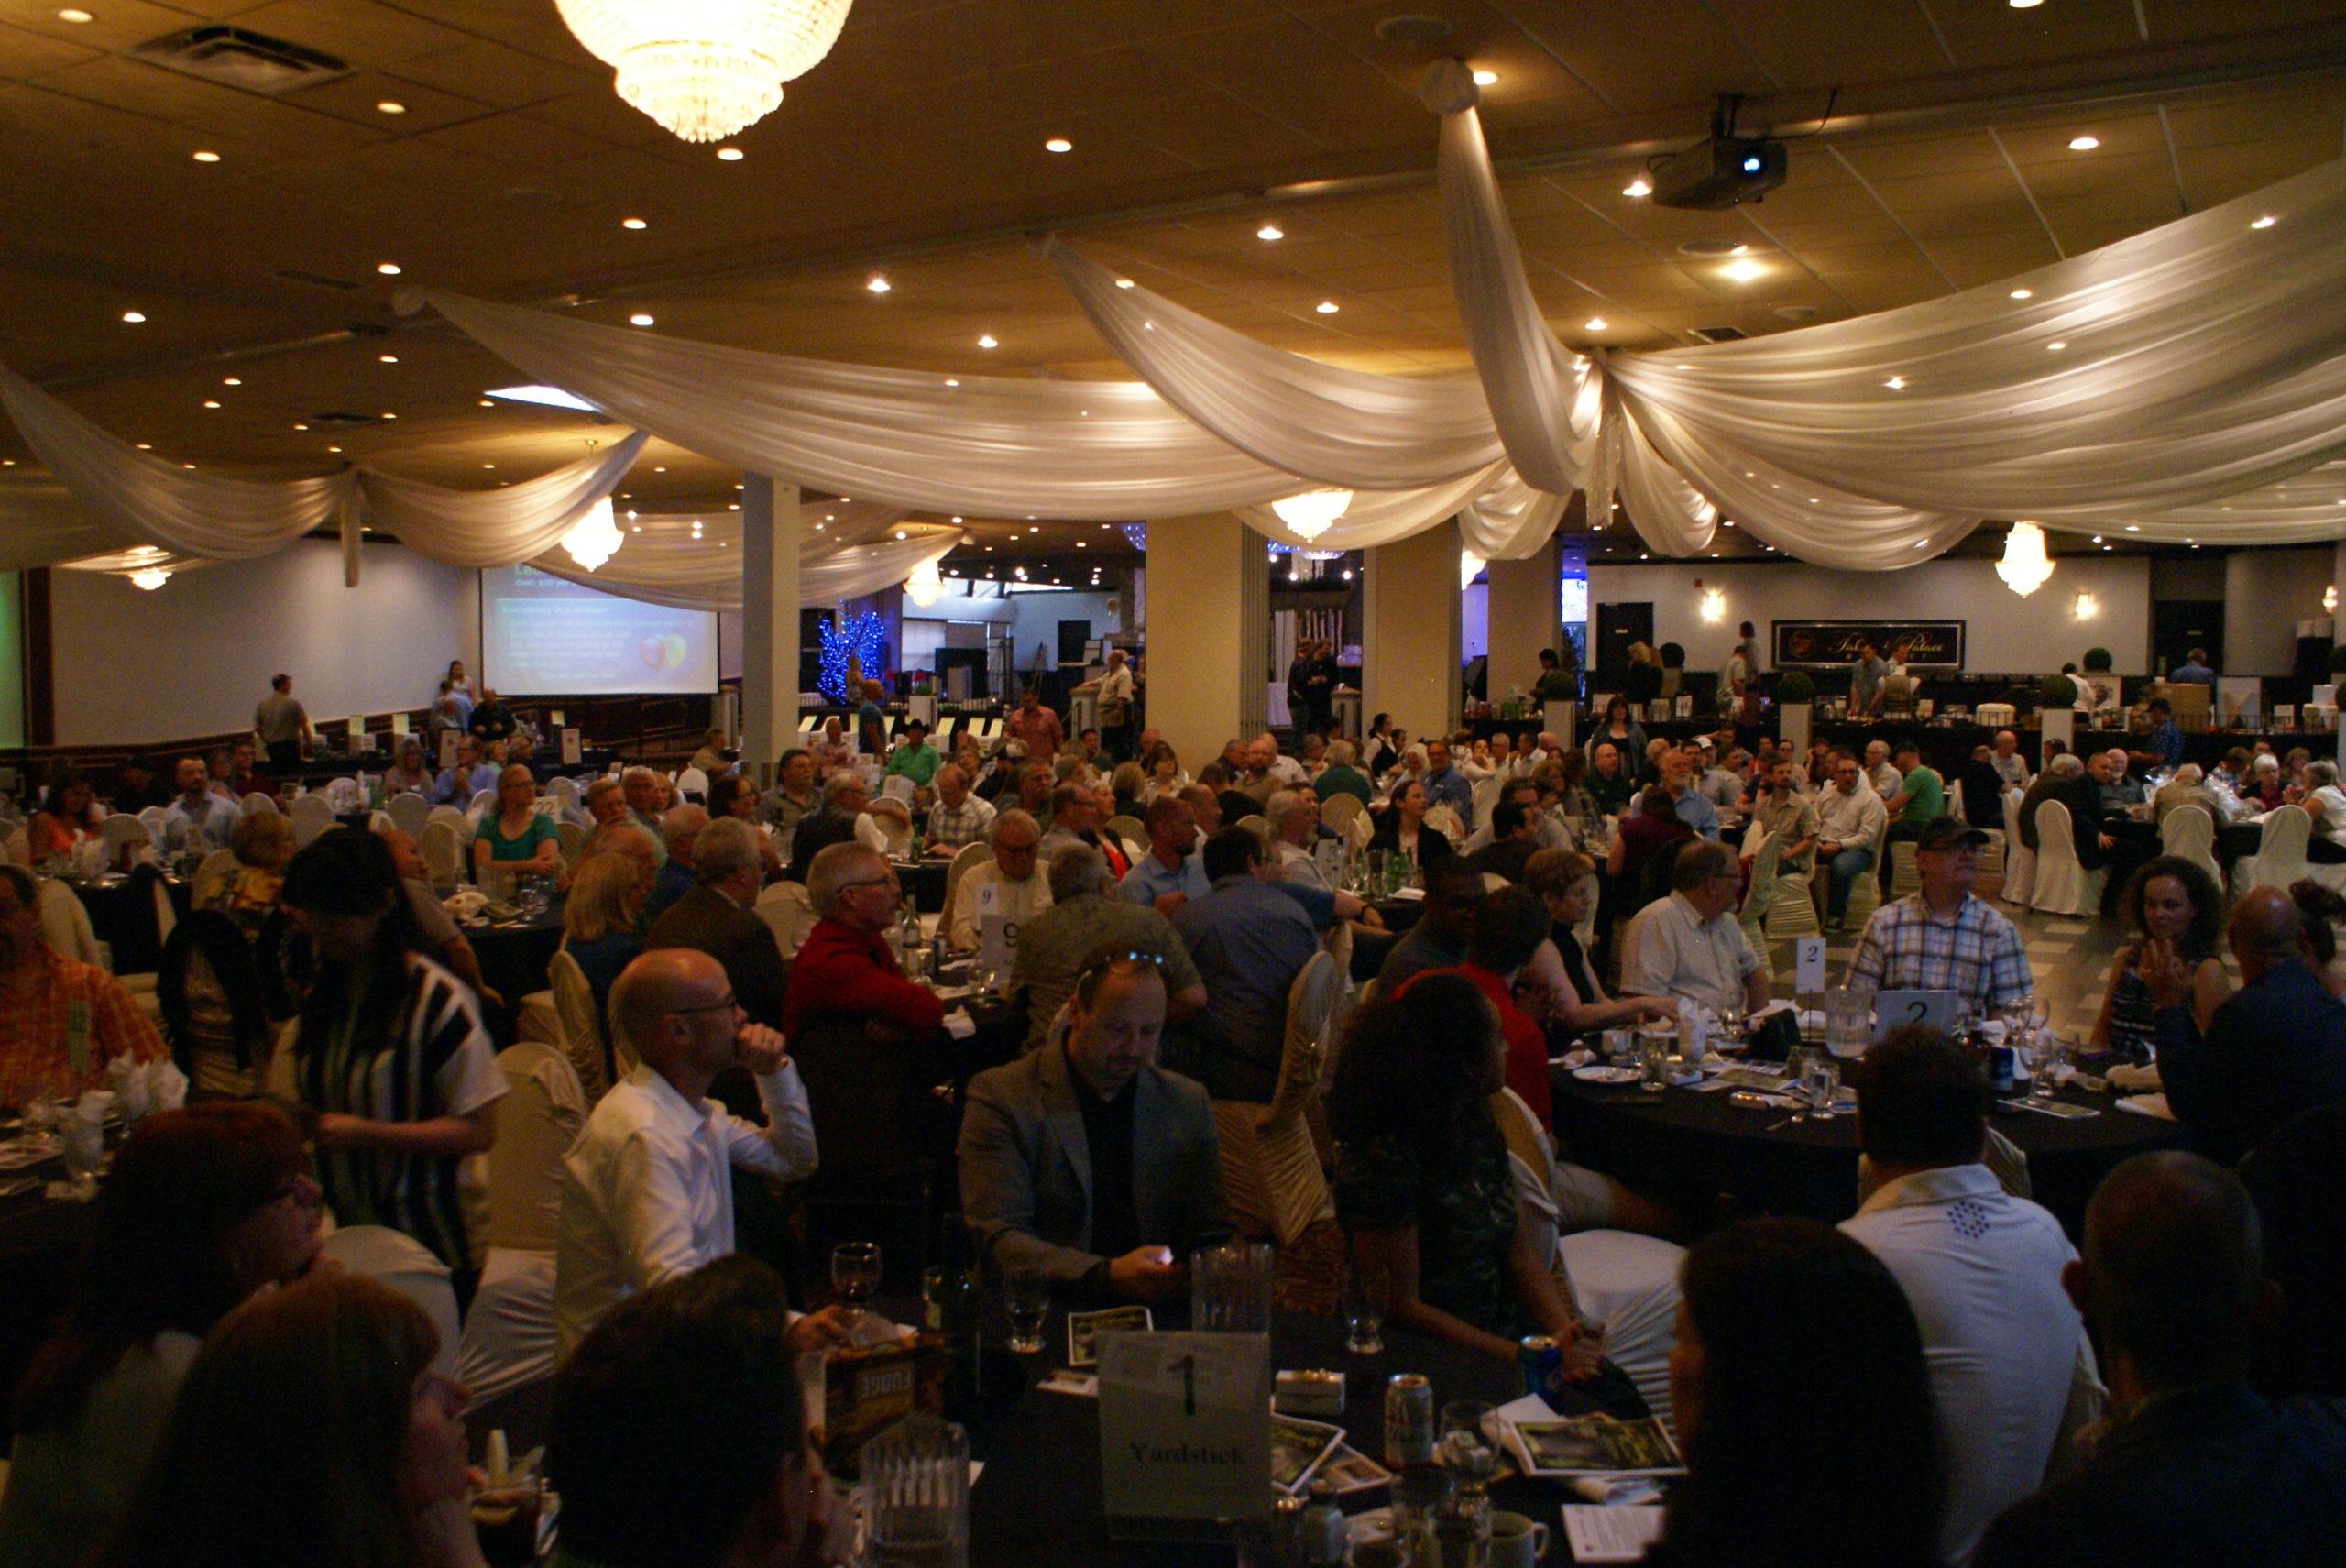 2019 Spring Fling Fundraising Banquet